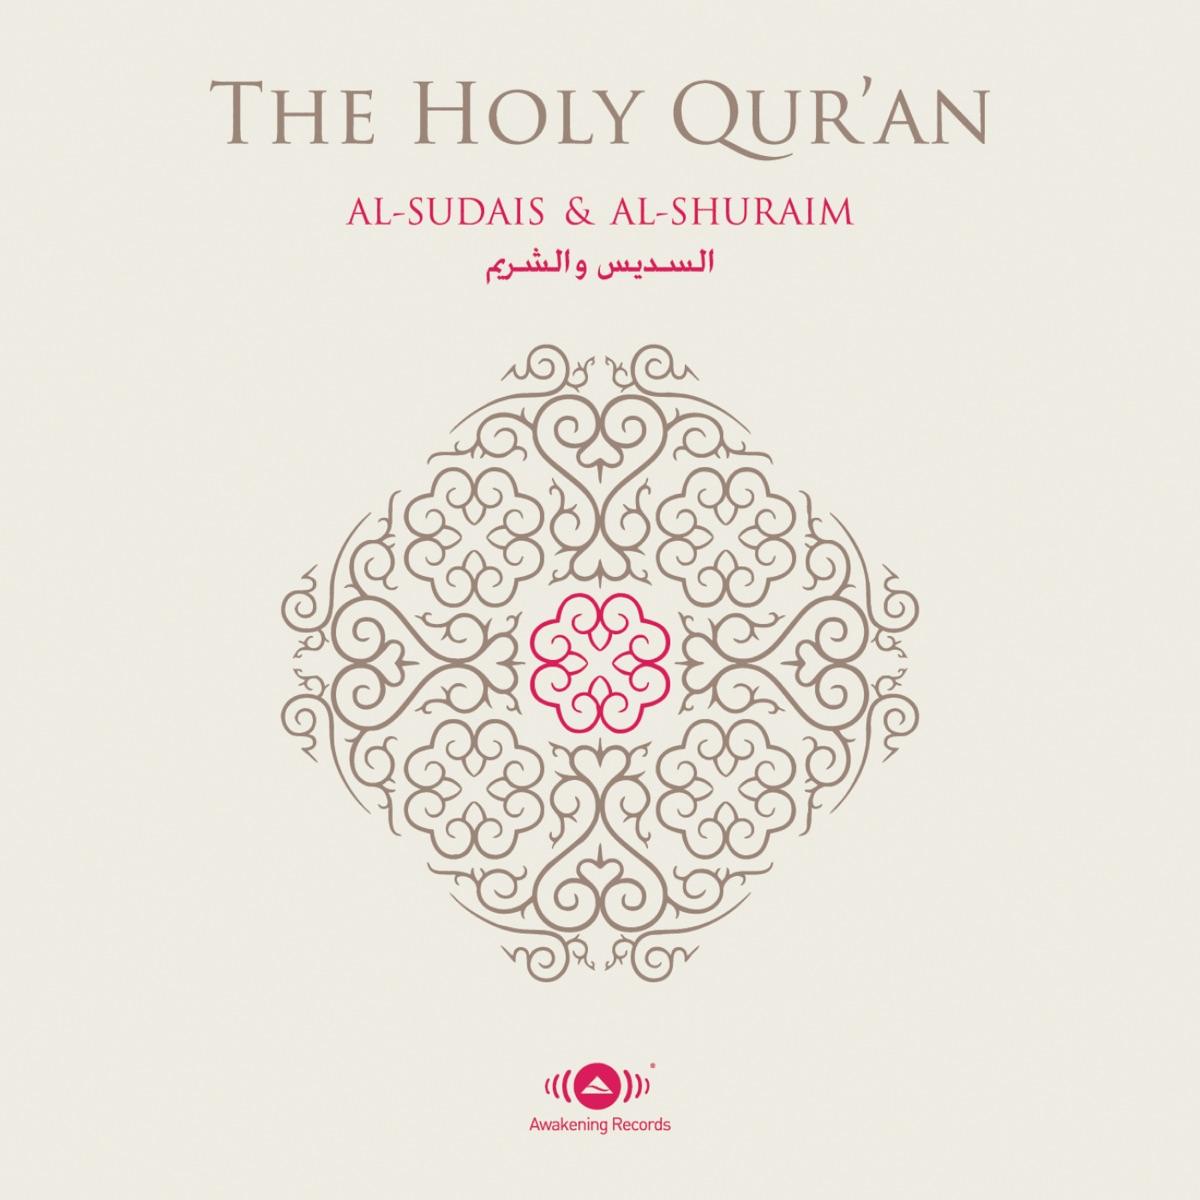 Al-Quran Al-Karim Album Cover by Shaykh Abdulrahman Al